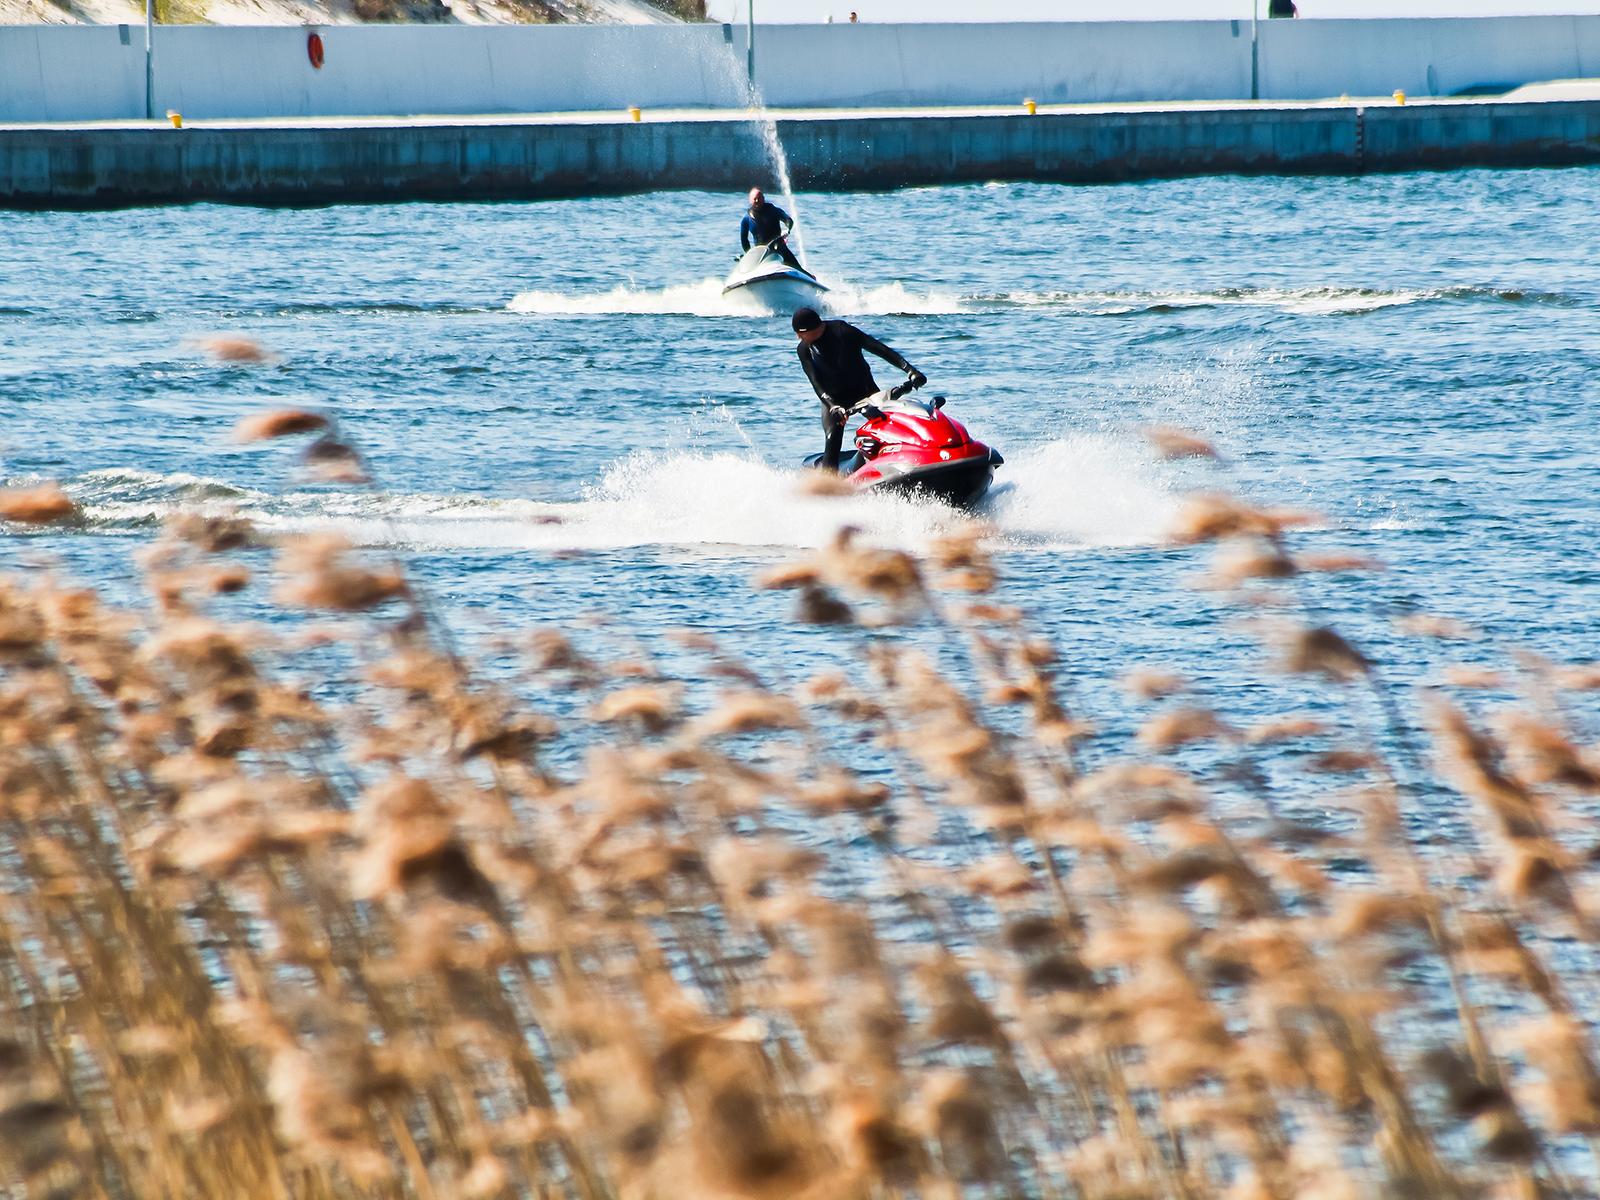 ferienhaus-ostsee-slip-ski-jet